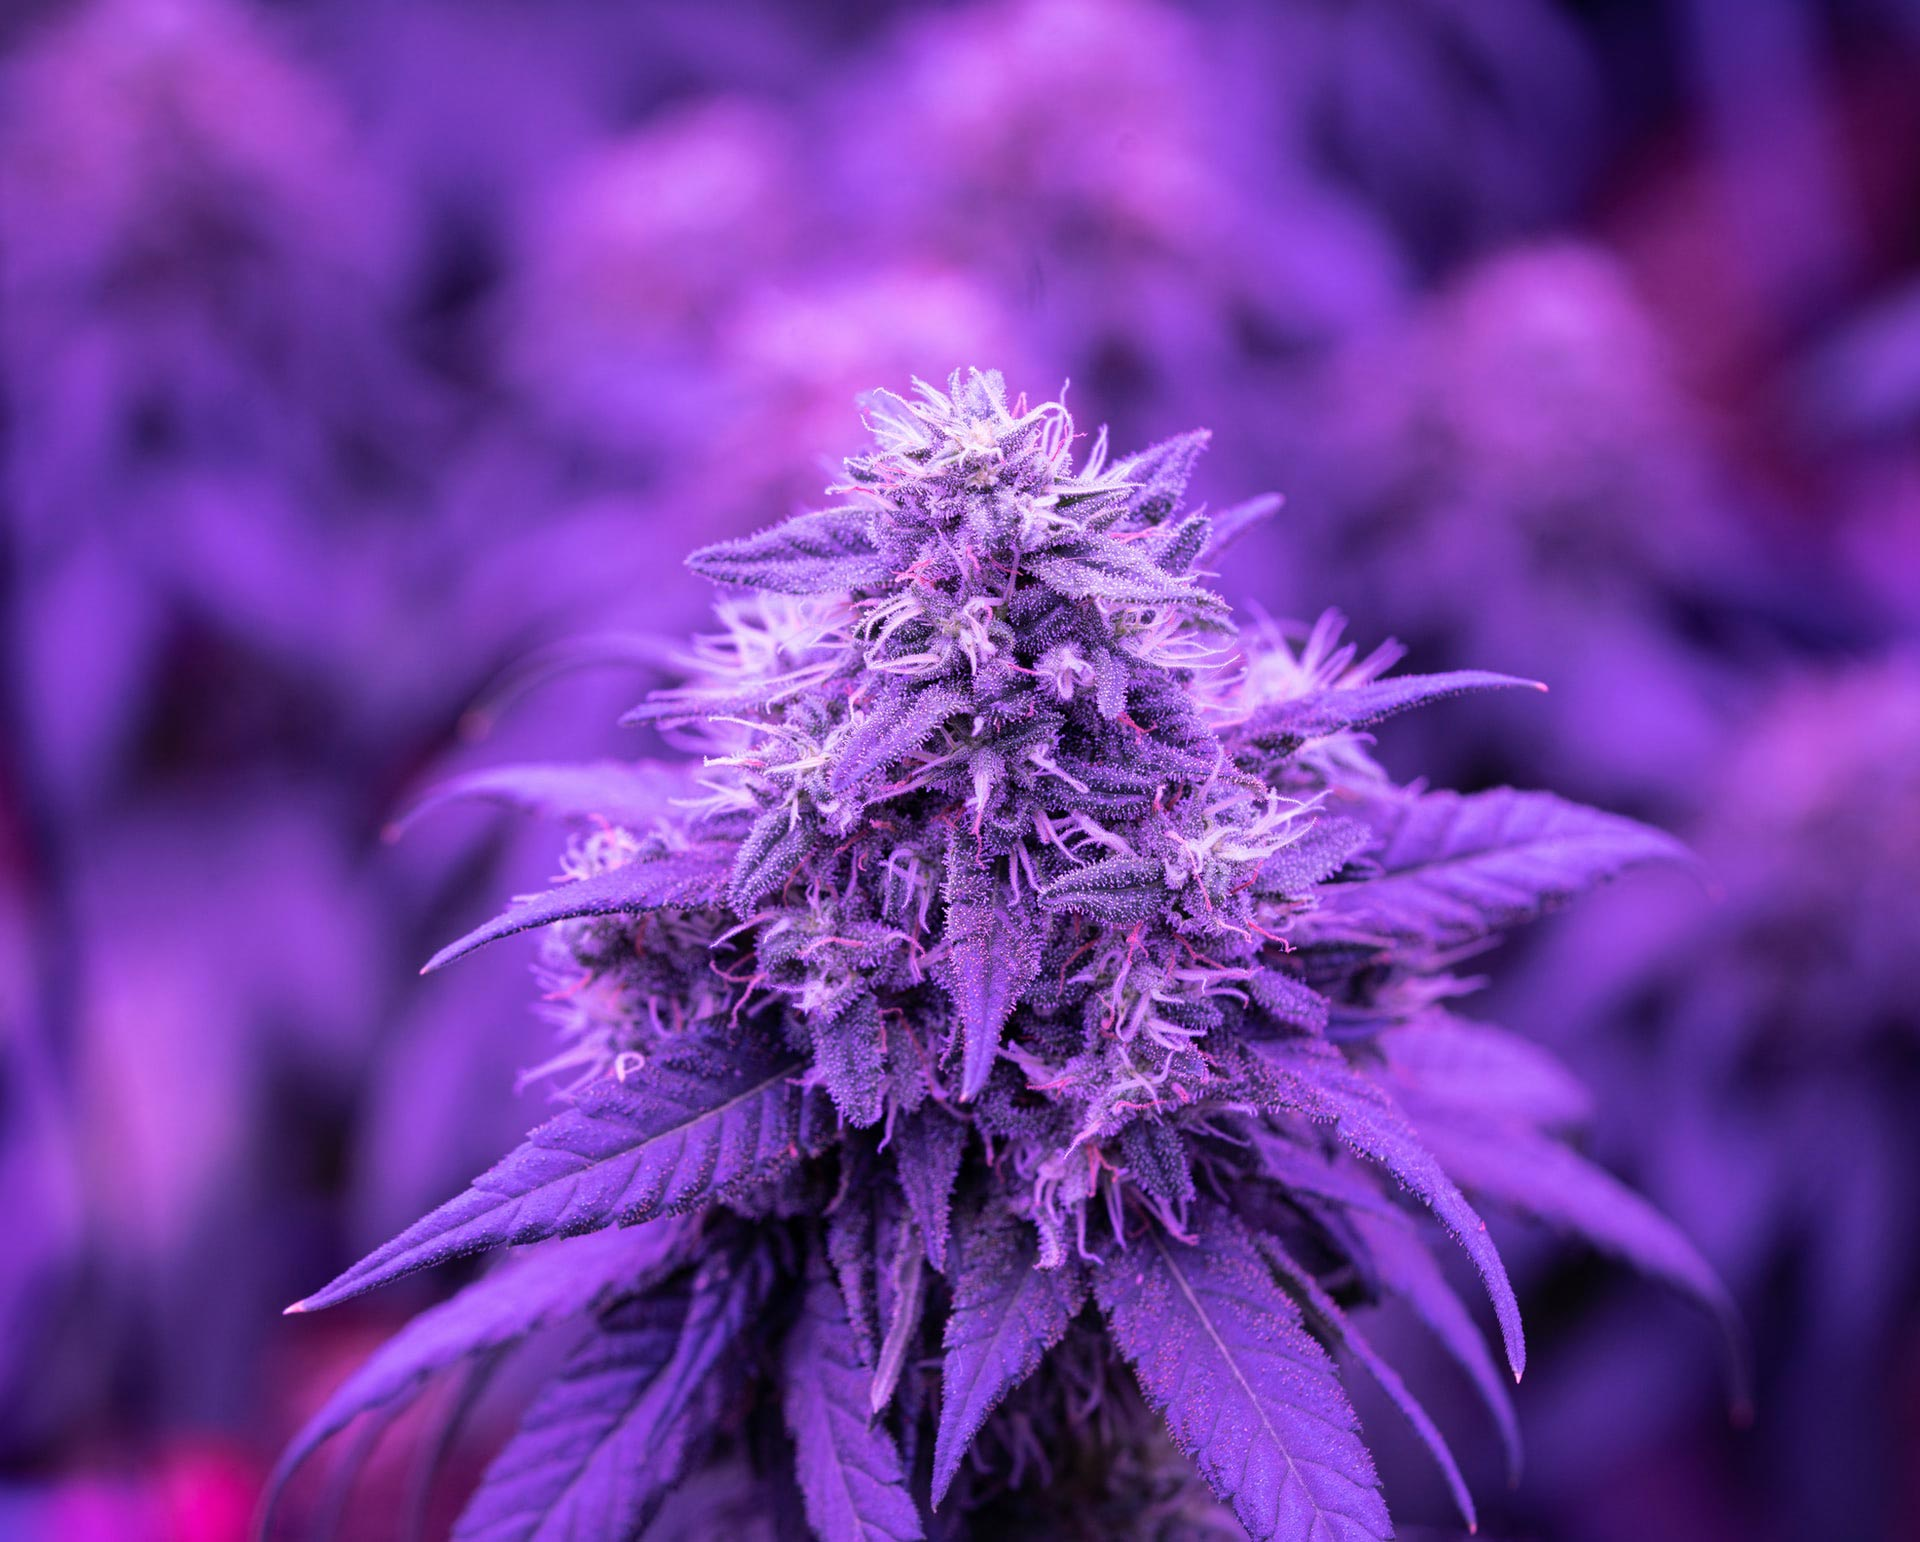 tête d'une plante de cannabis